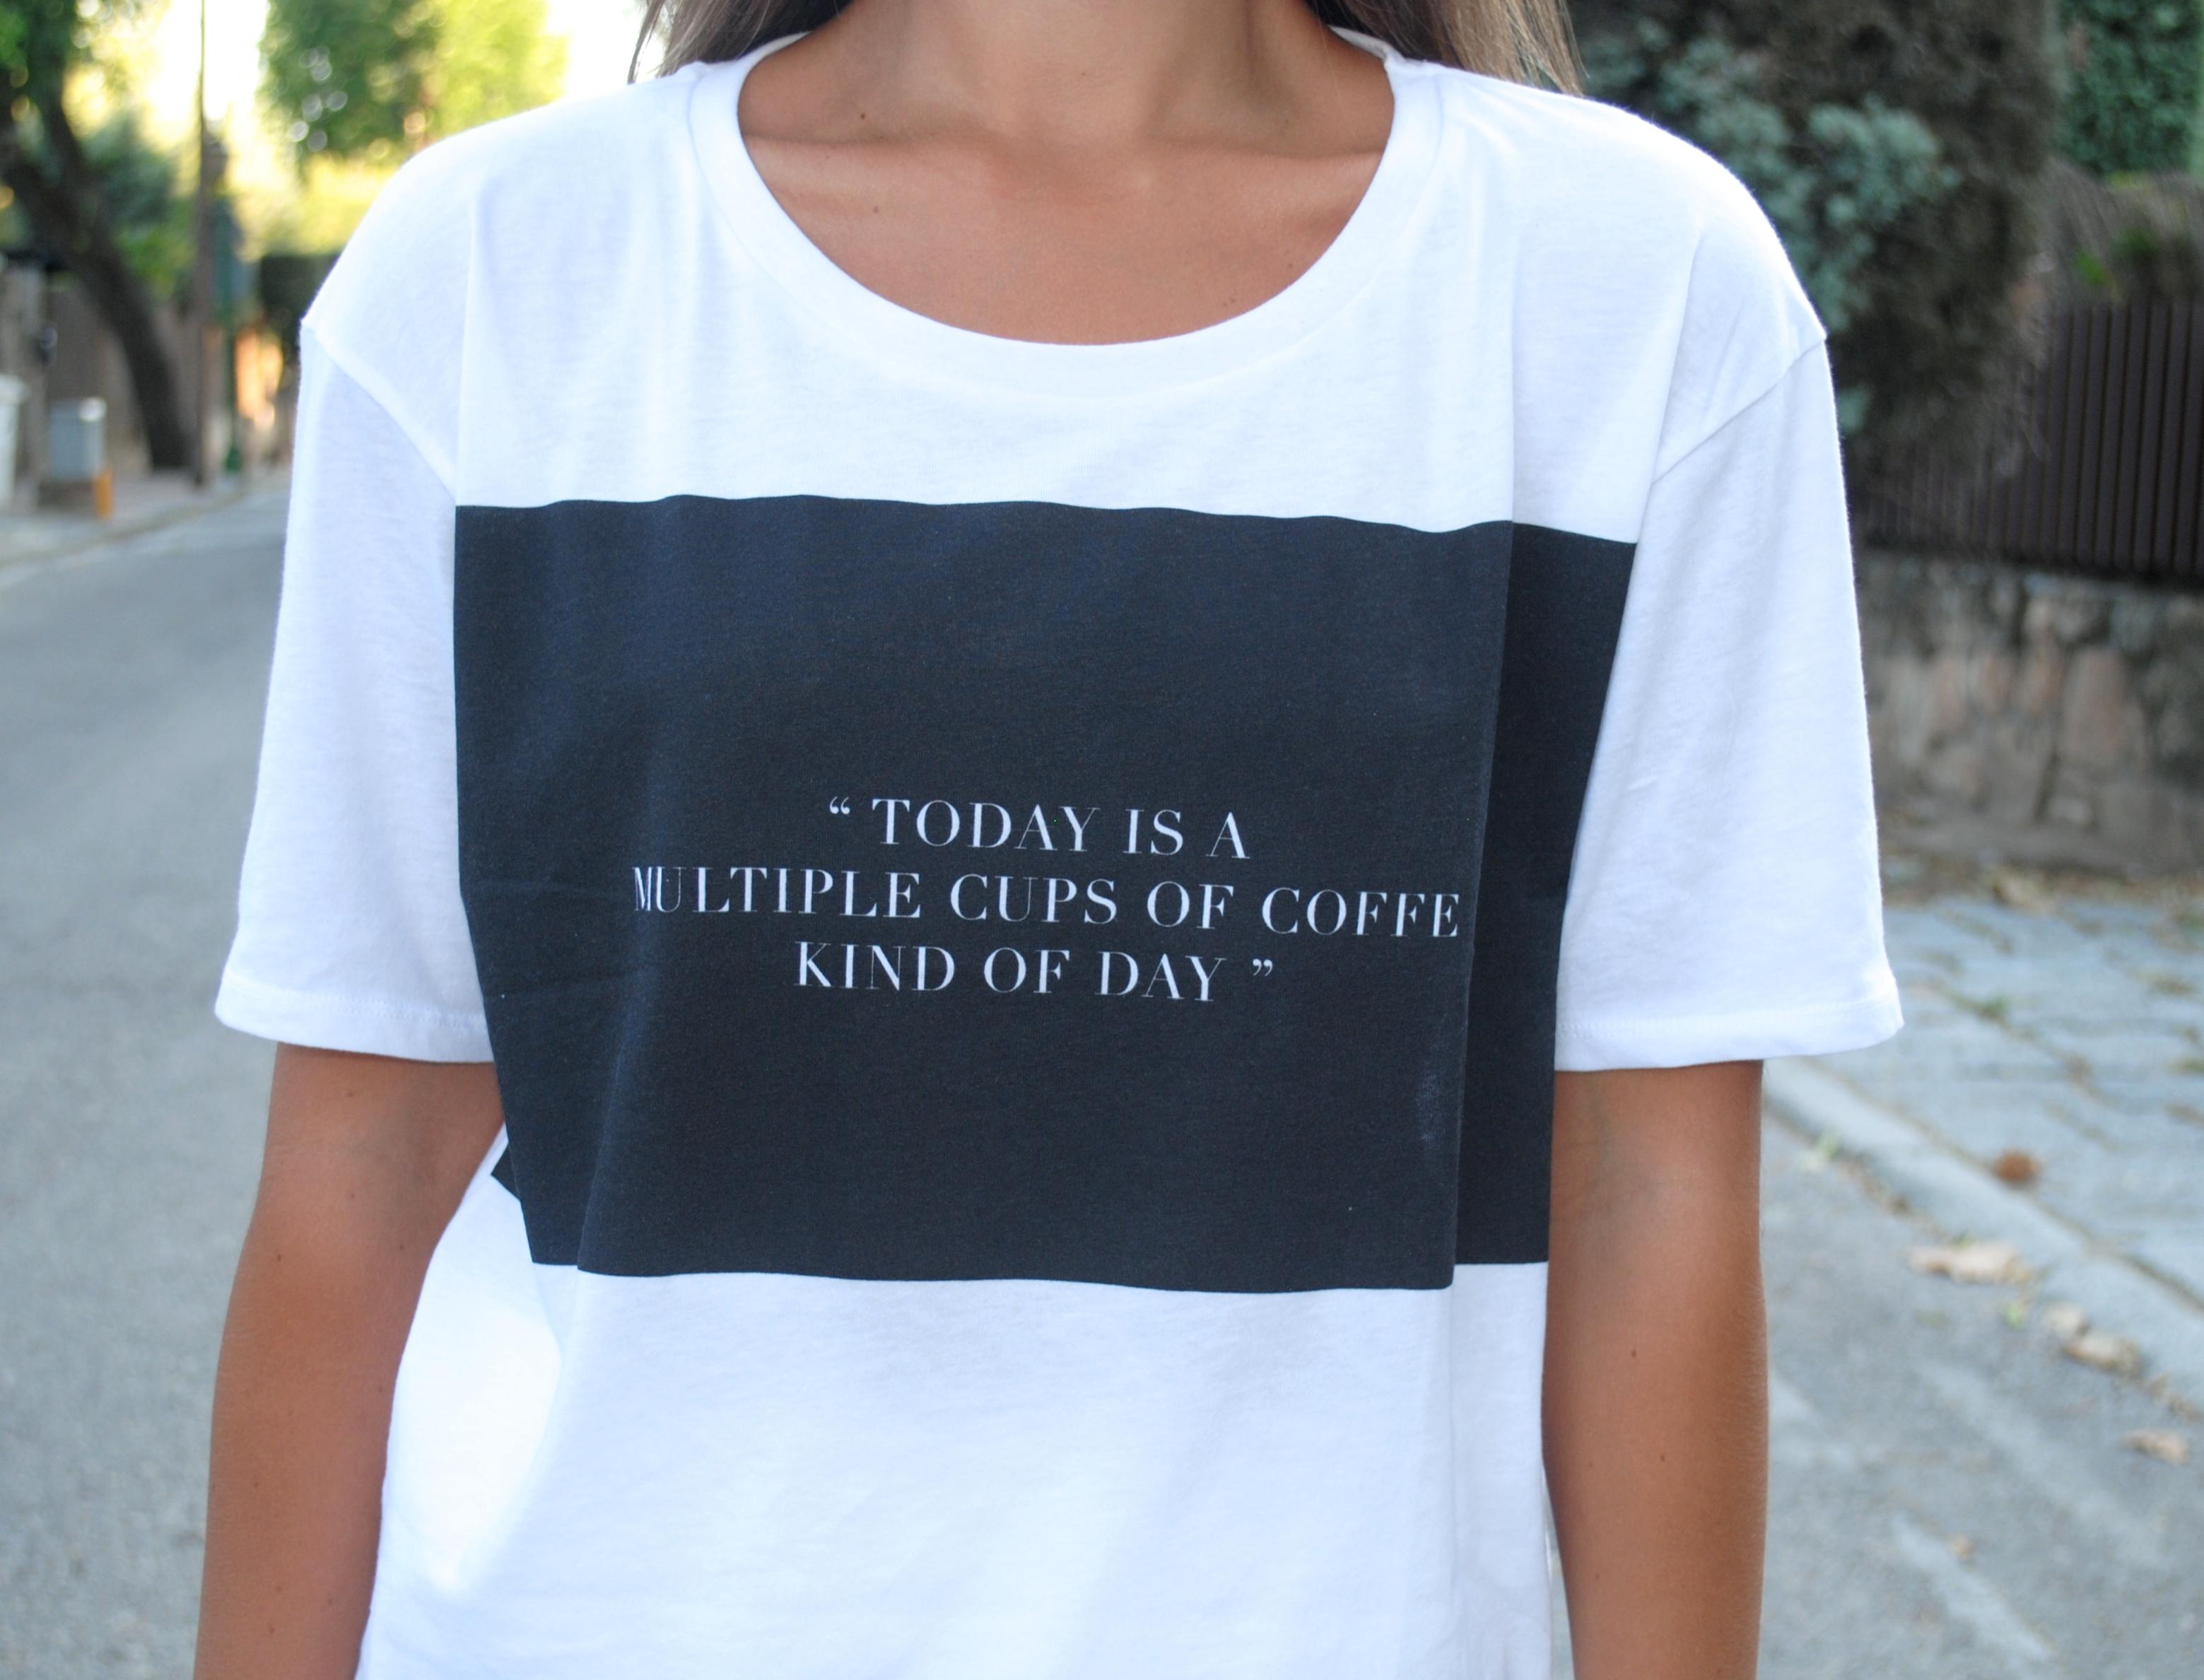 zara quote t-shirt